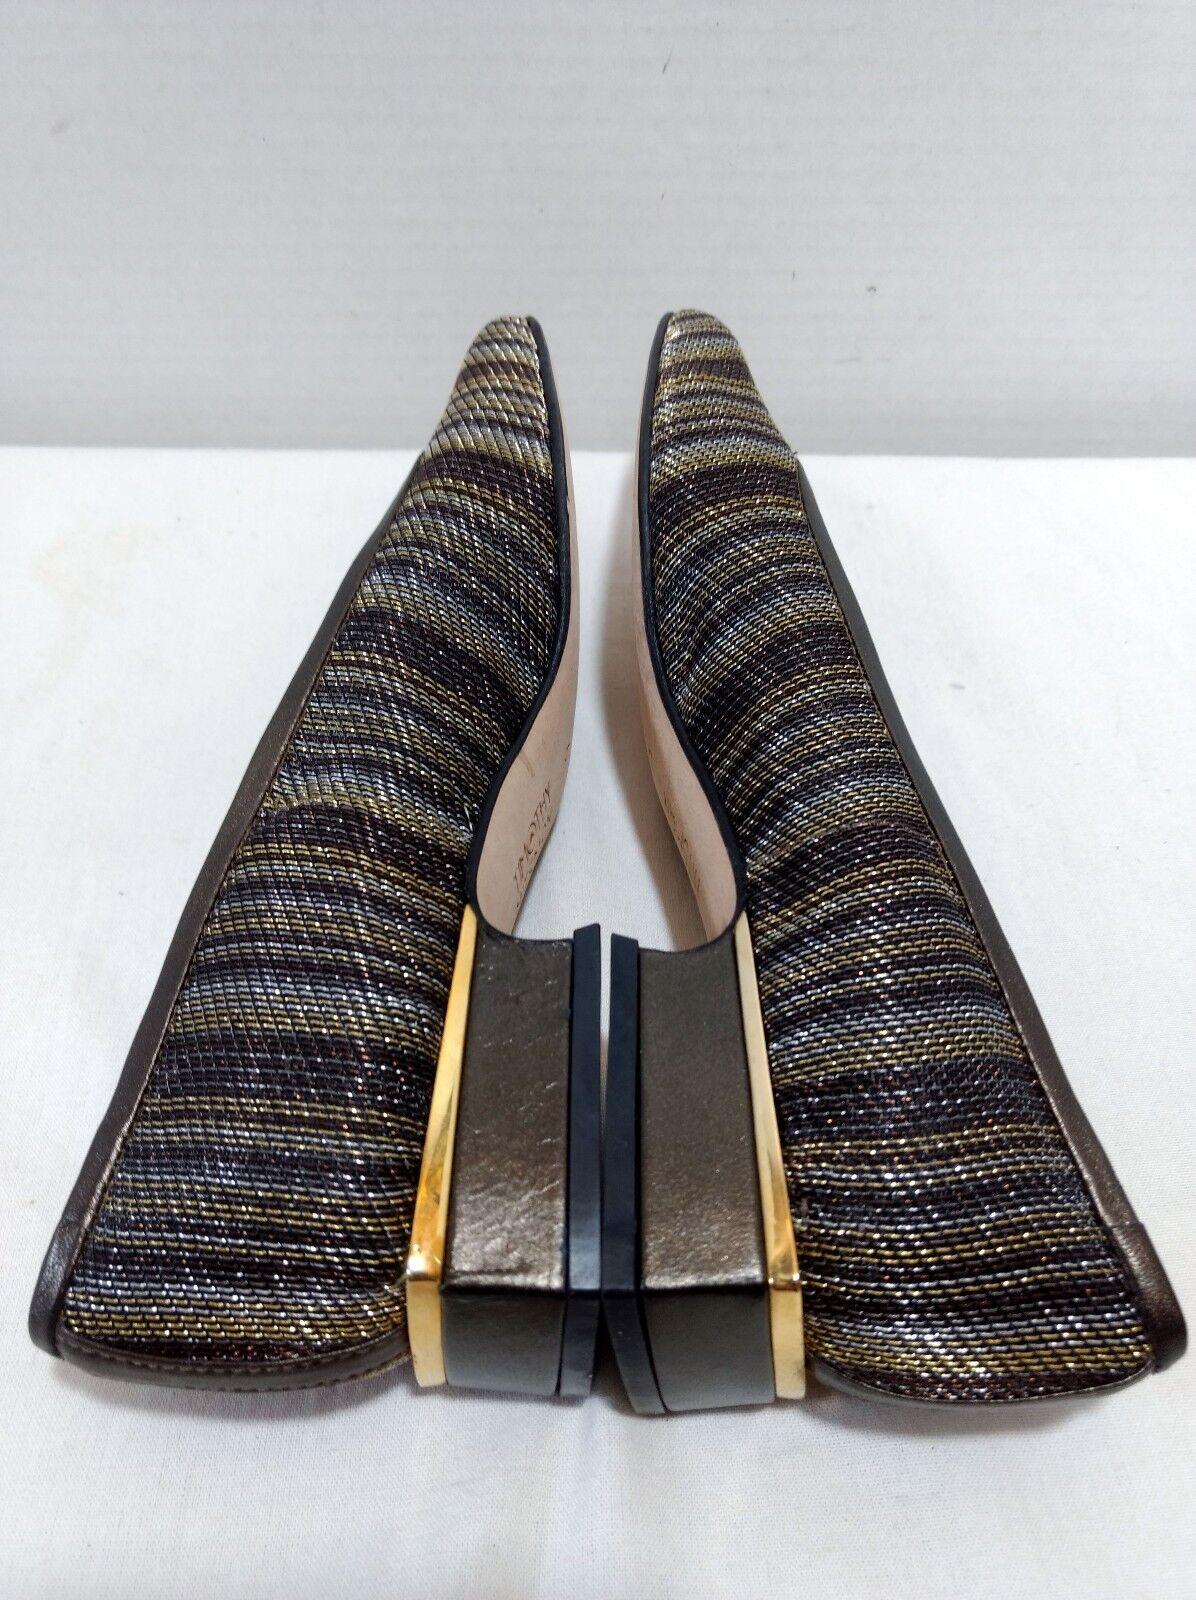 NEW Timothy Hitsman Hitsman Hitsman 6 Metallic Multi-Farbe Gold Silver Stripe Leder Round Toe 13395a